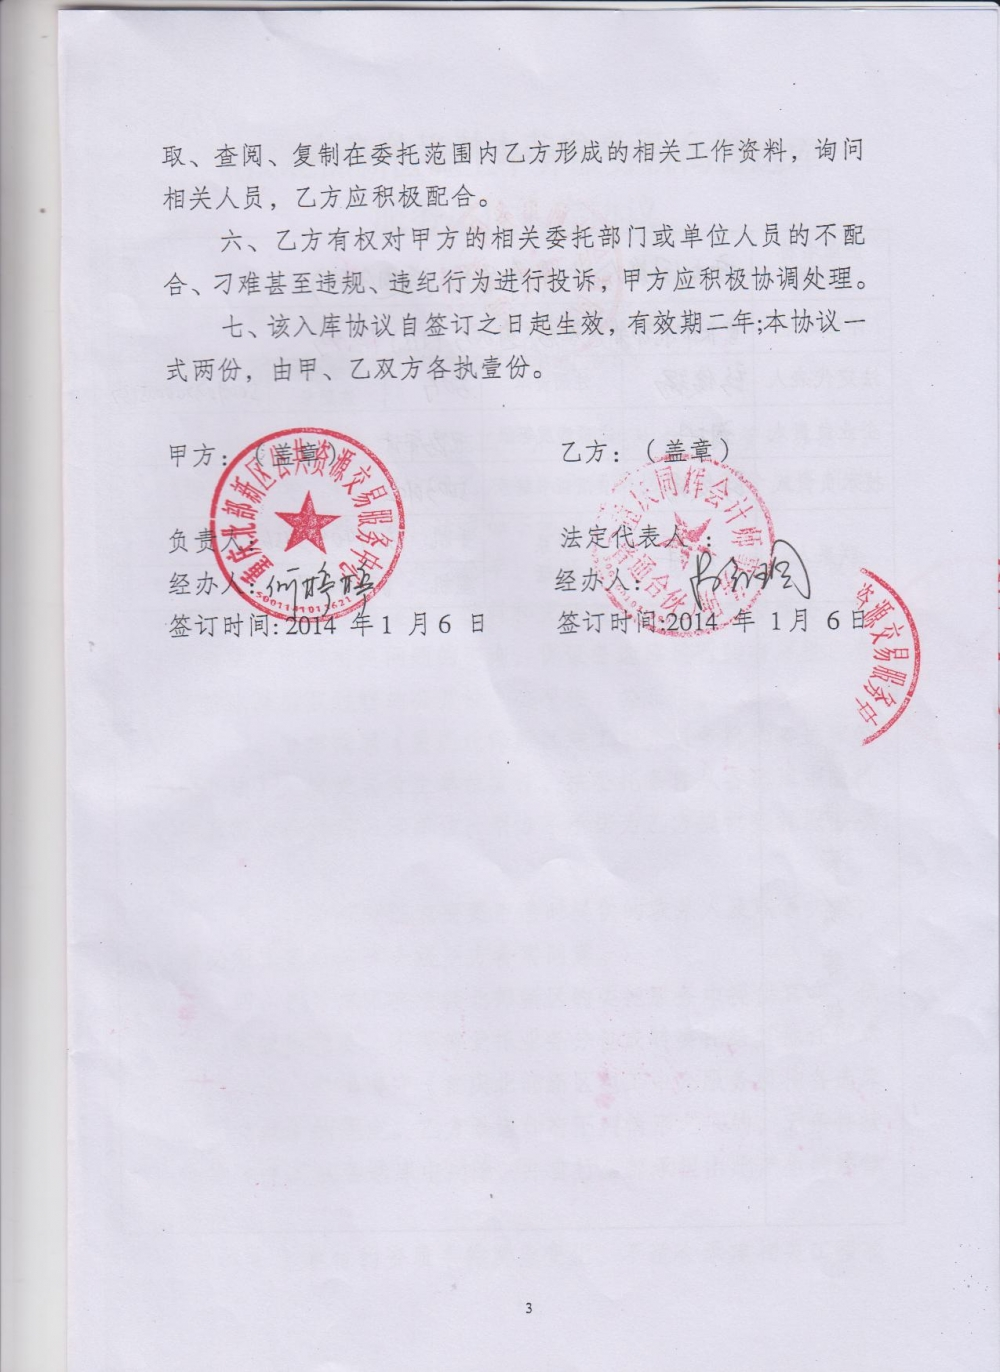 重庆北部新区施工中介服务机构备选库服务单位入库协议